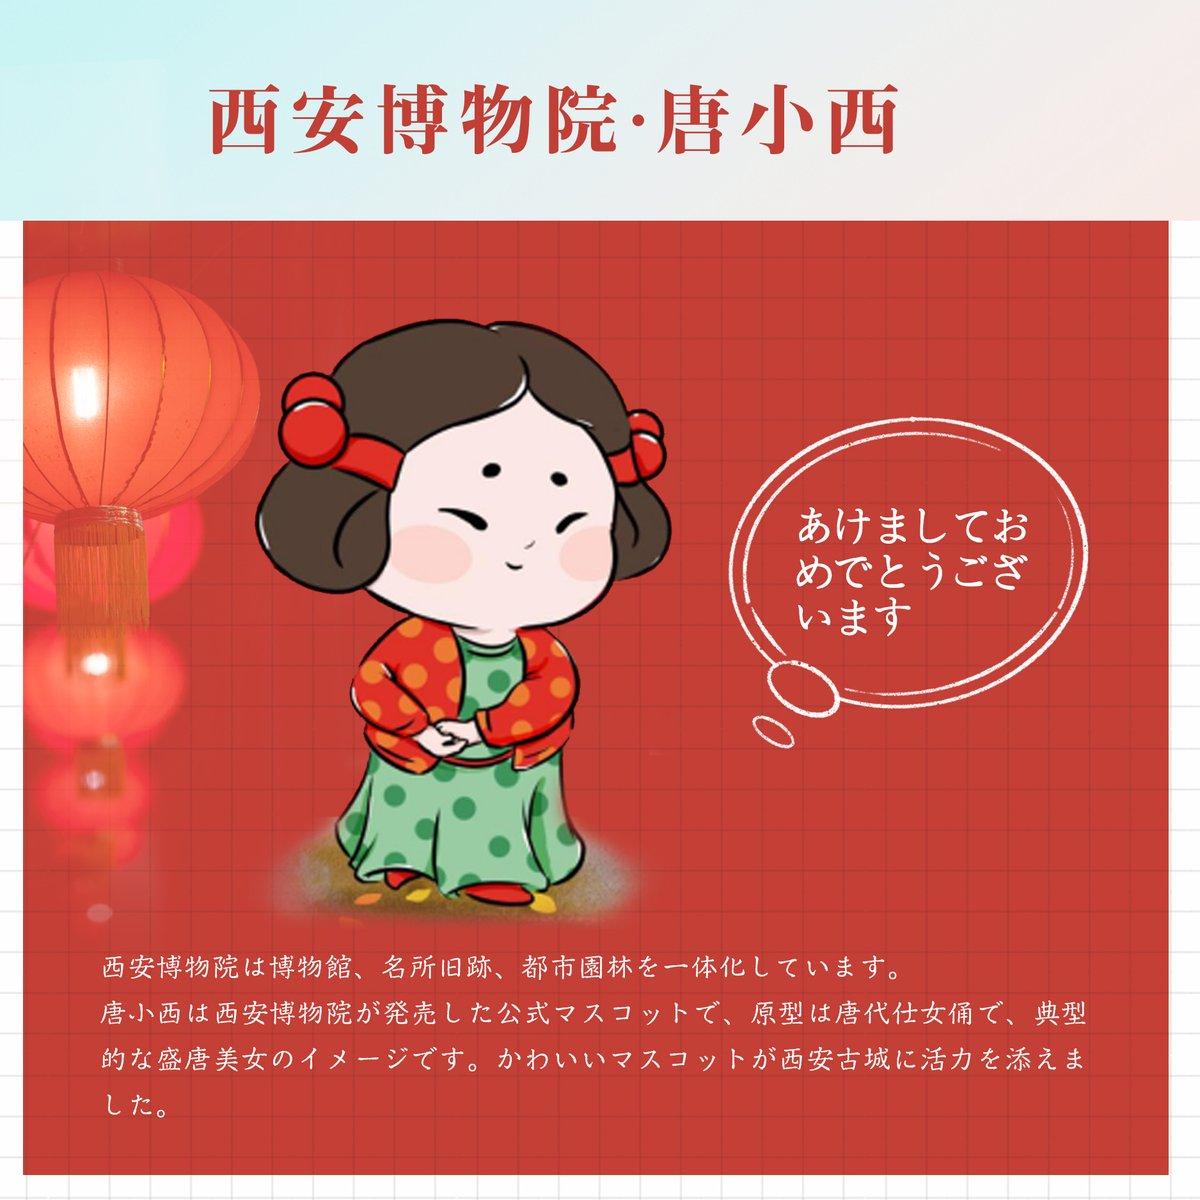 """陝西に行こう på Twitter: """"#ようこそ_陝西省へ 陝西省のマスコット ..."""